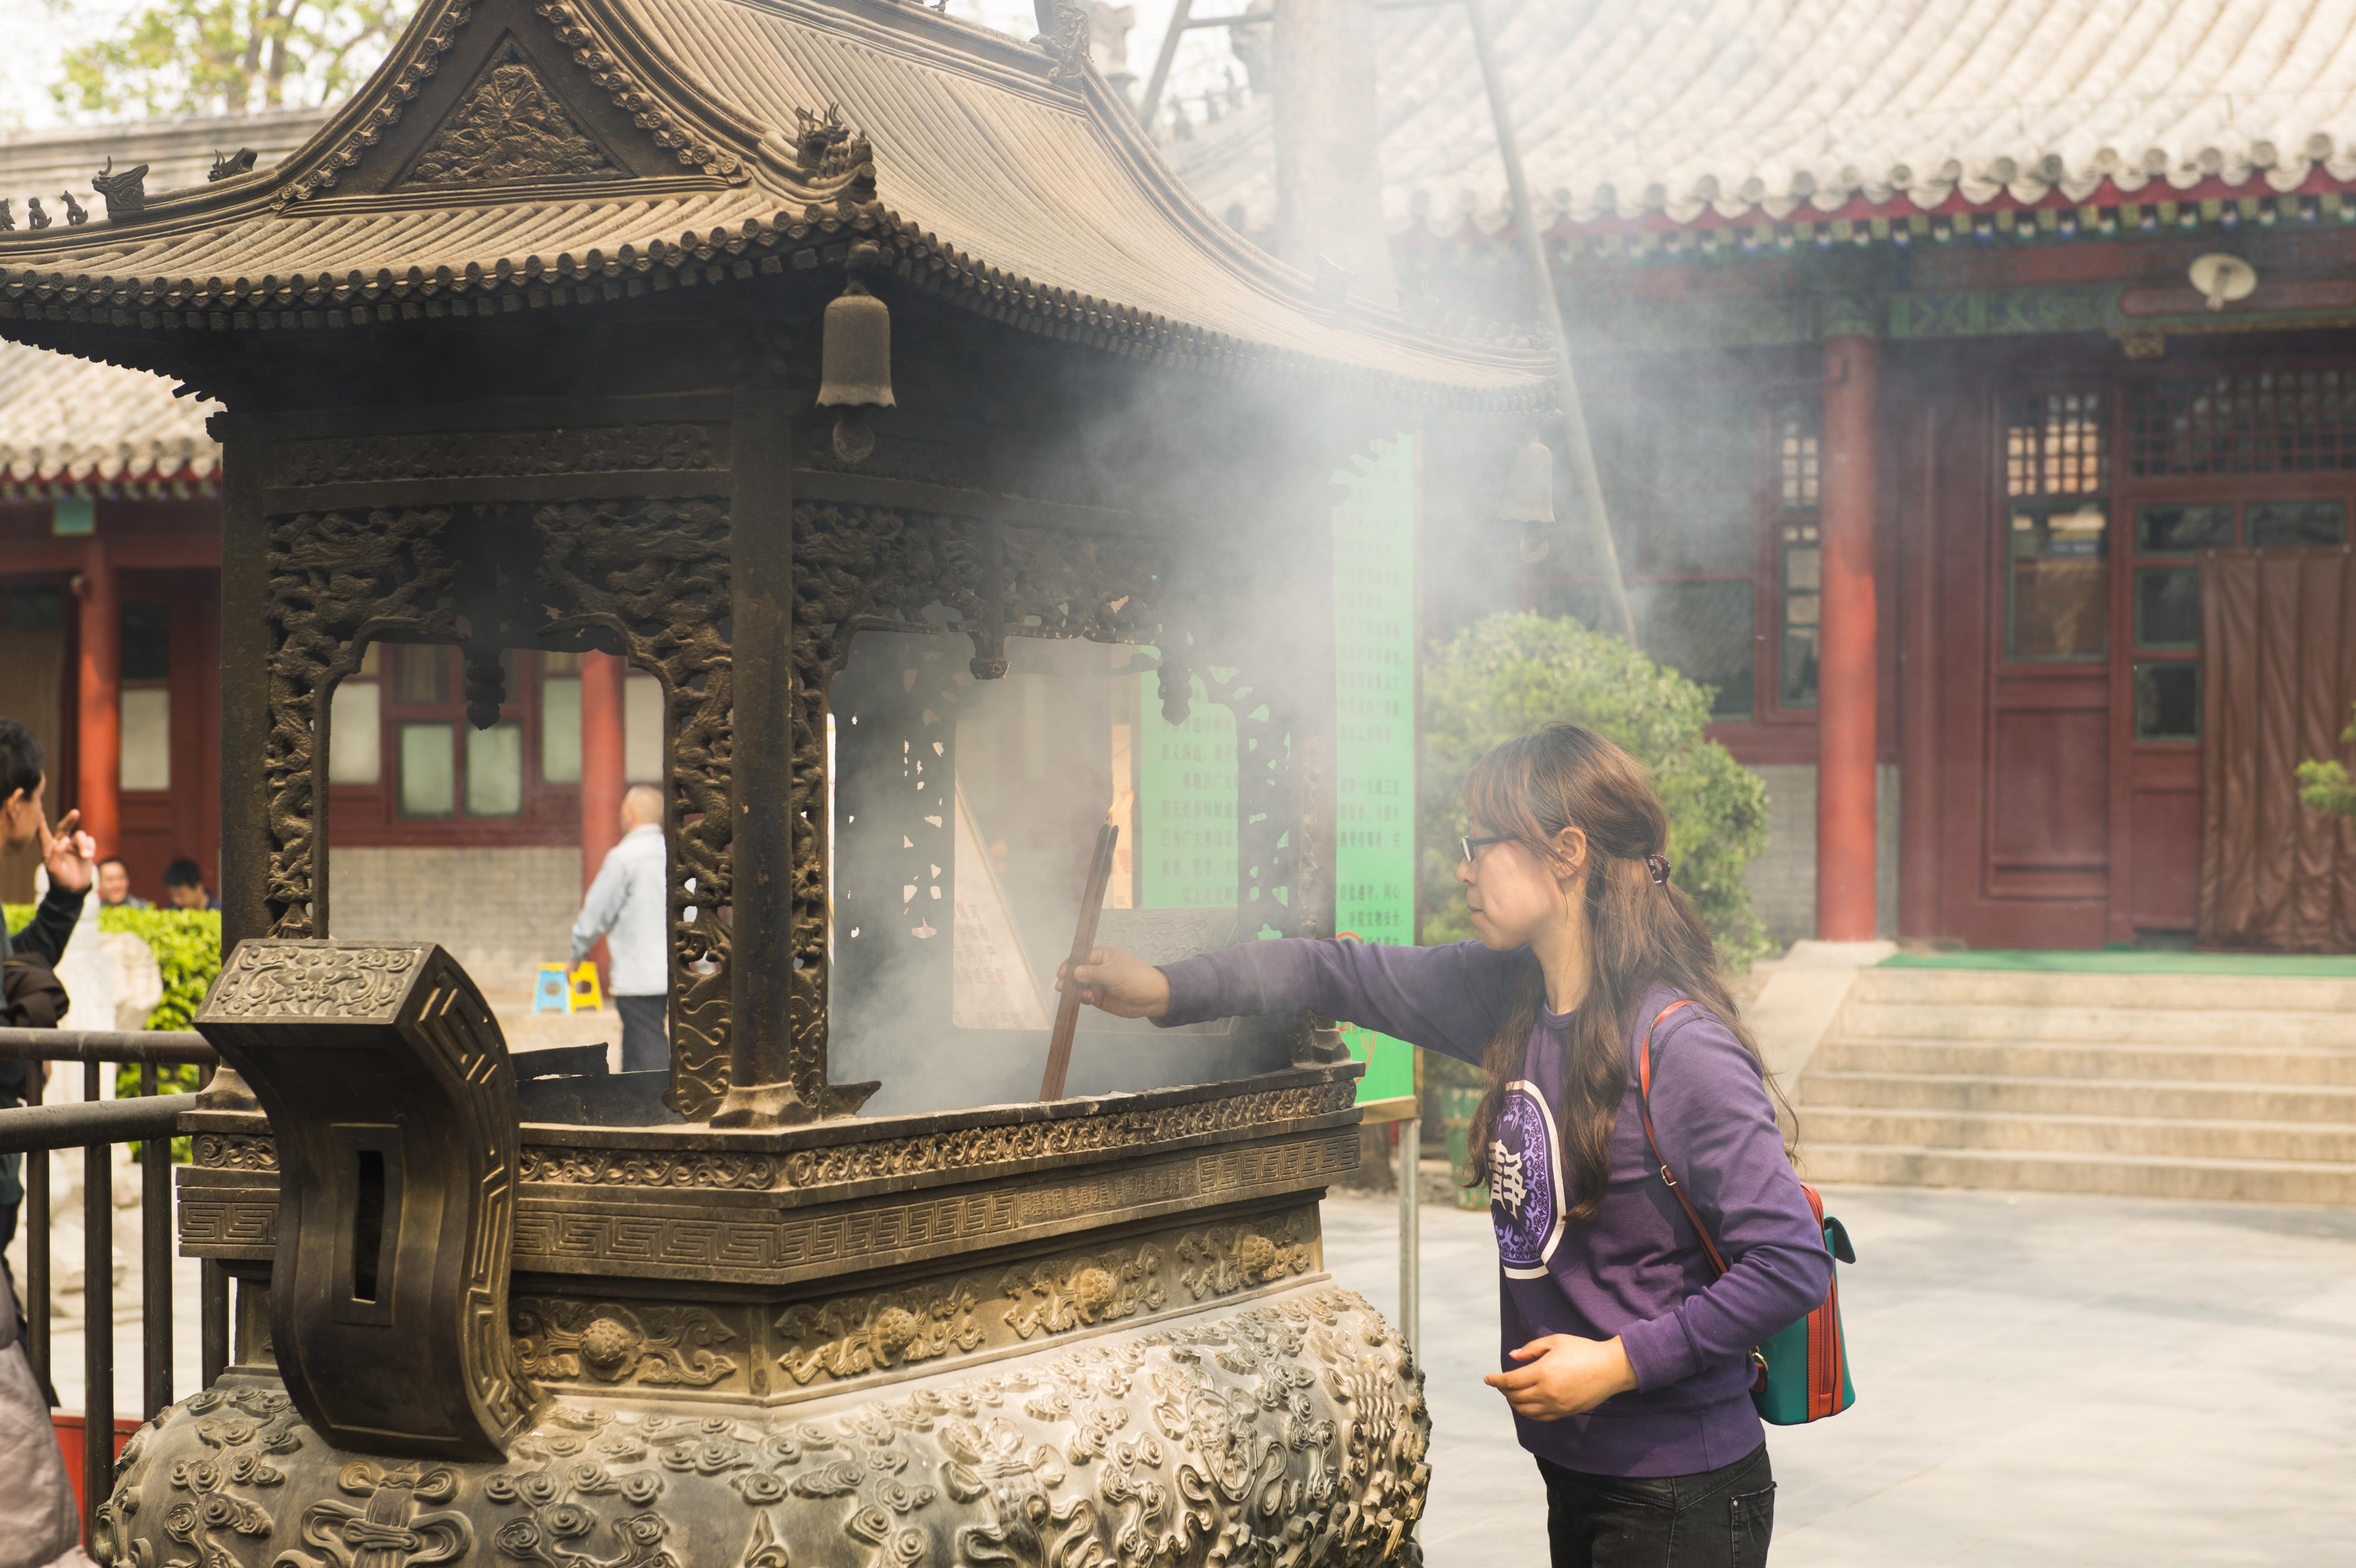 une jeune chinoise prie pour la bonne fortune au temple Guangji à Pékin, en Chine. (Crédit : Christoph Mohr / Picture alliance / Picture-Alliance / AFP).